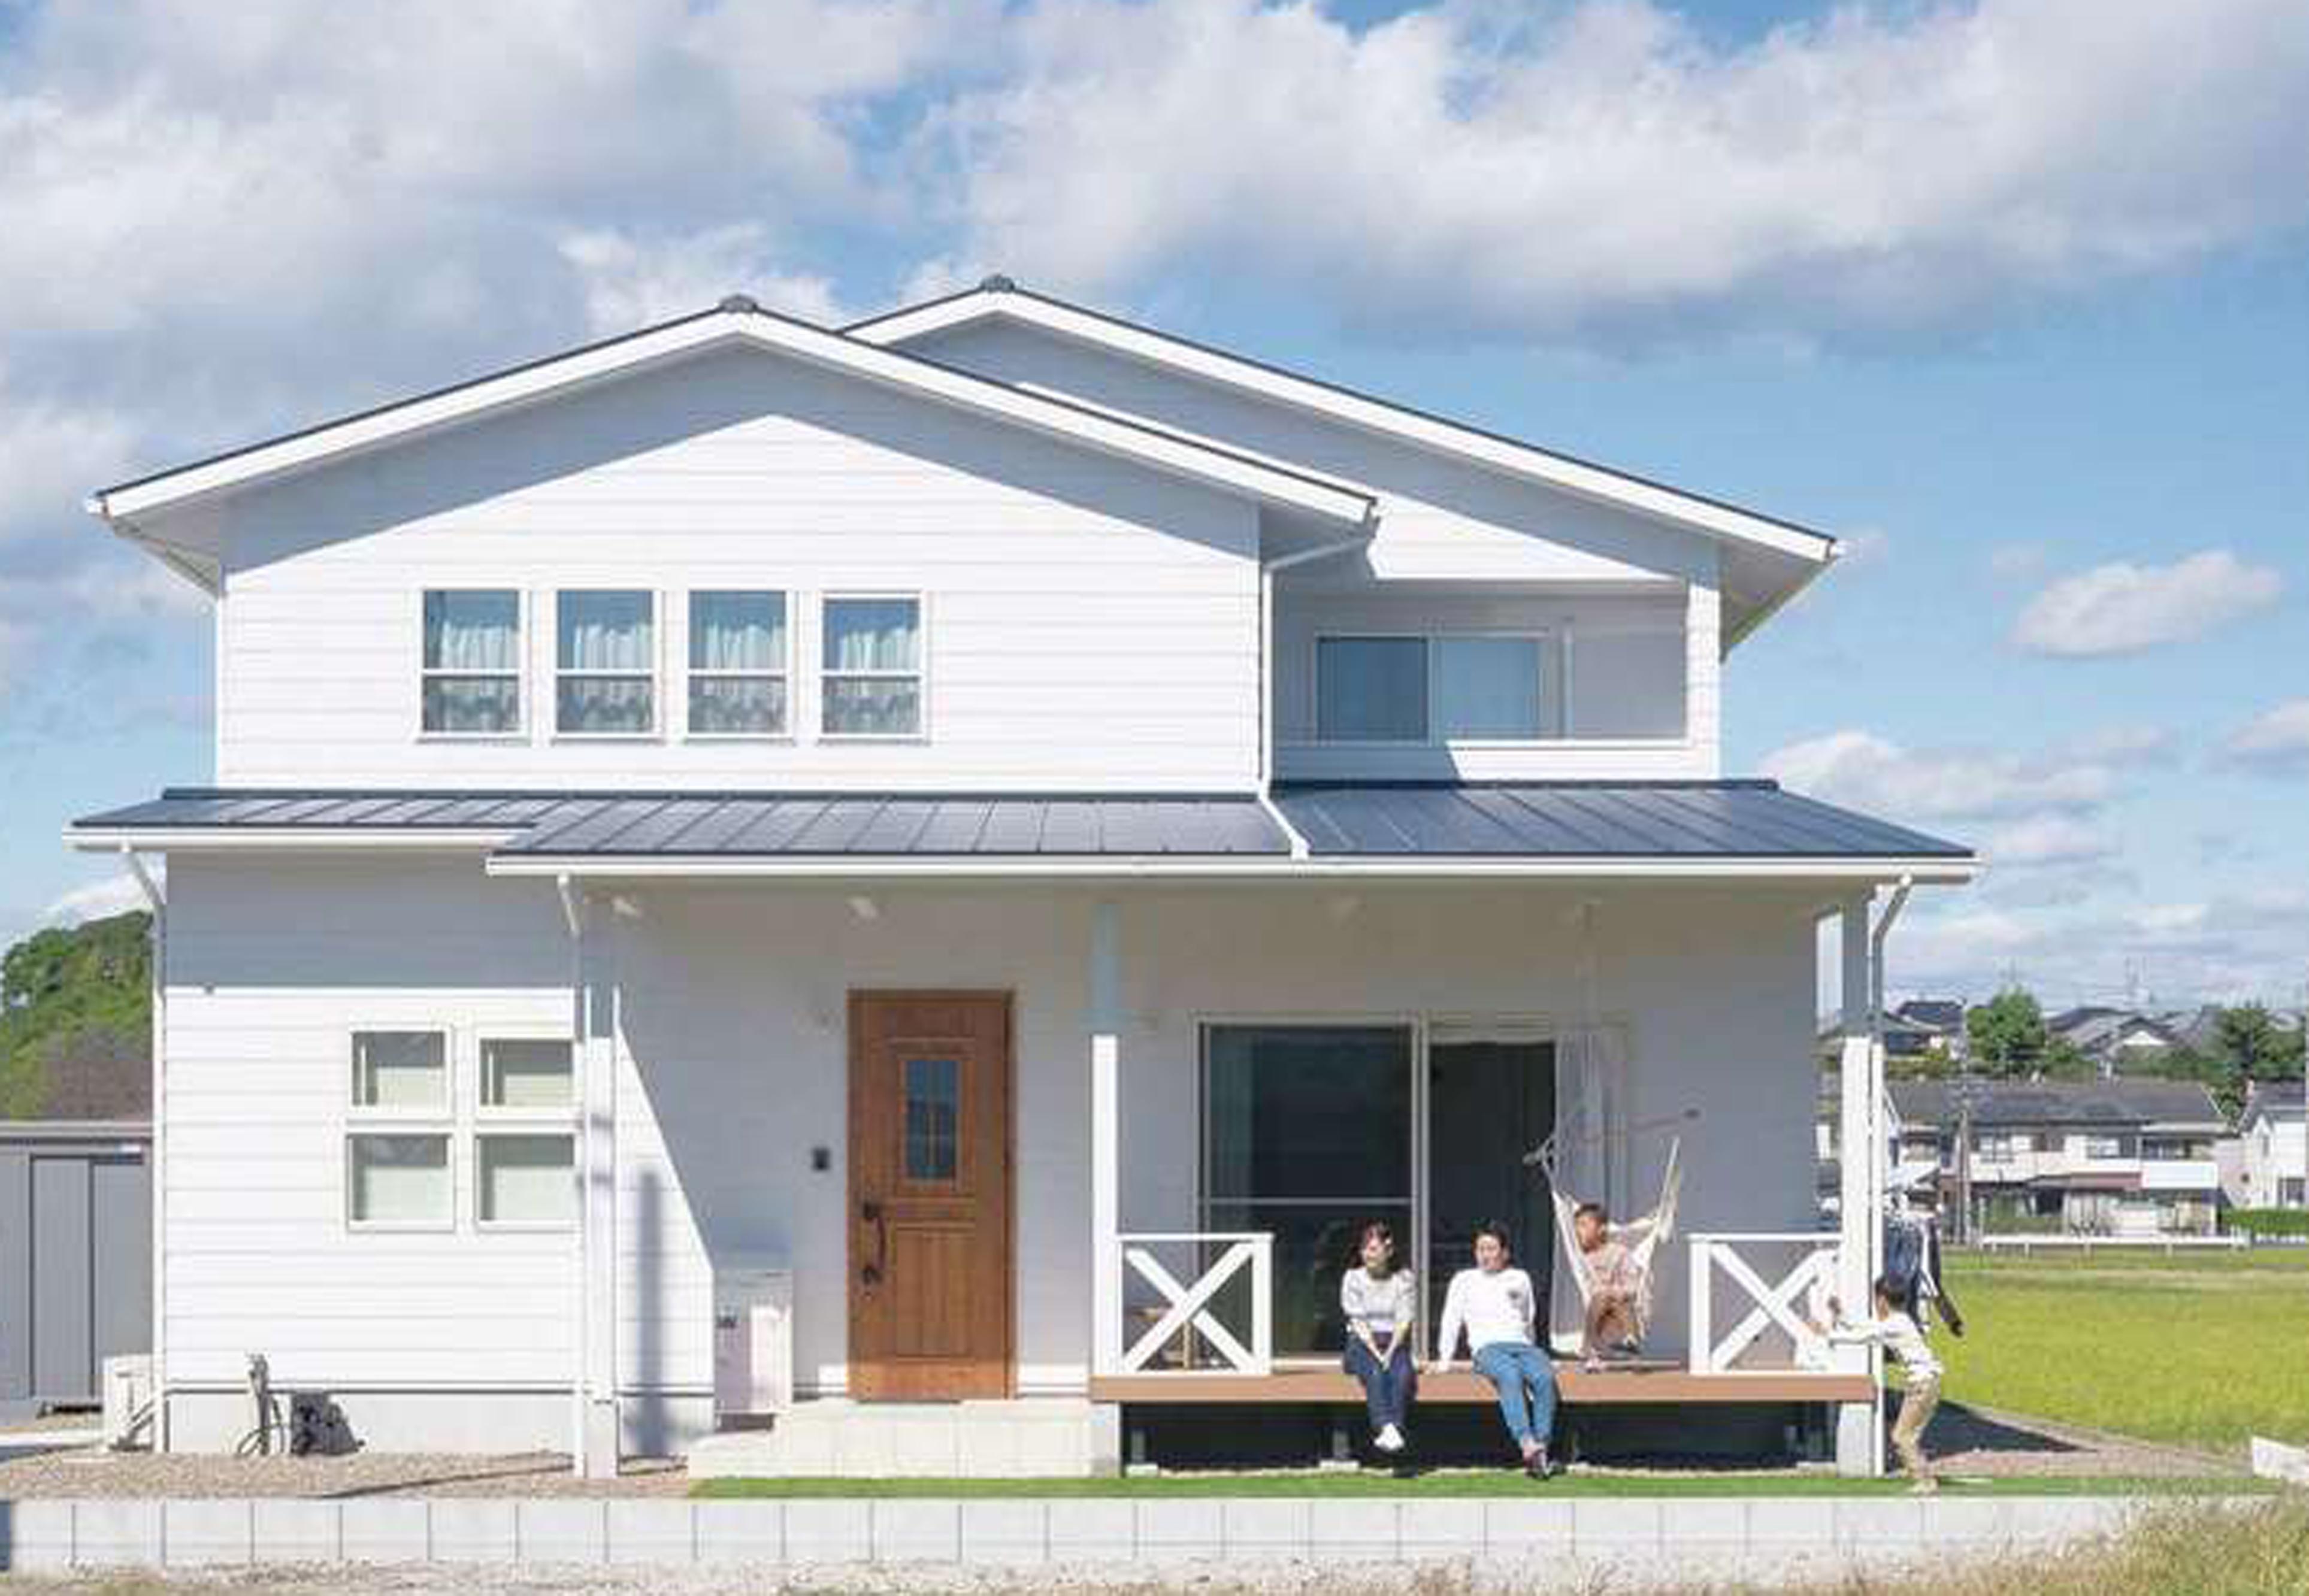 永太建工【デザイン住宅、子育て、インテリア】アメリカ西海岸のビーチハウスをテーマに、板張りをイメージした外壁やカバードポーチを備えた外観がスマート